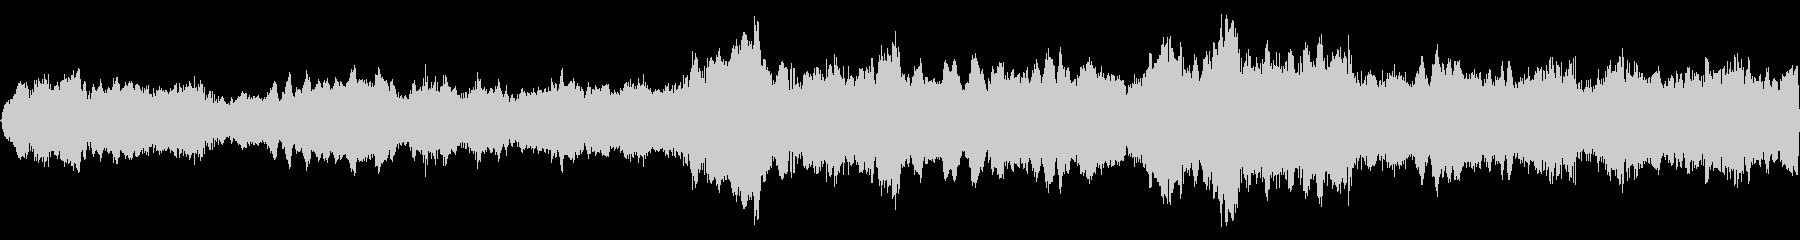 悲しみの幻想的ストリングス ピアノ抜き版の未再生の波形